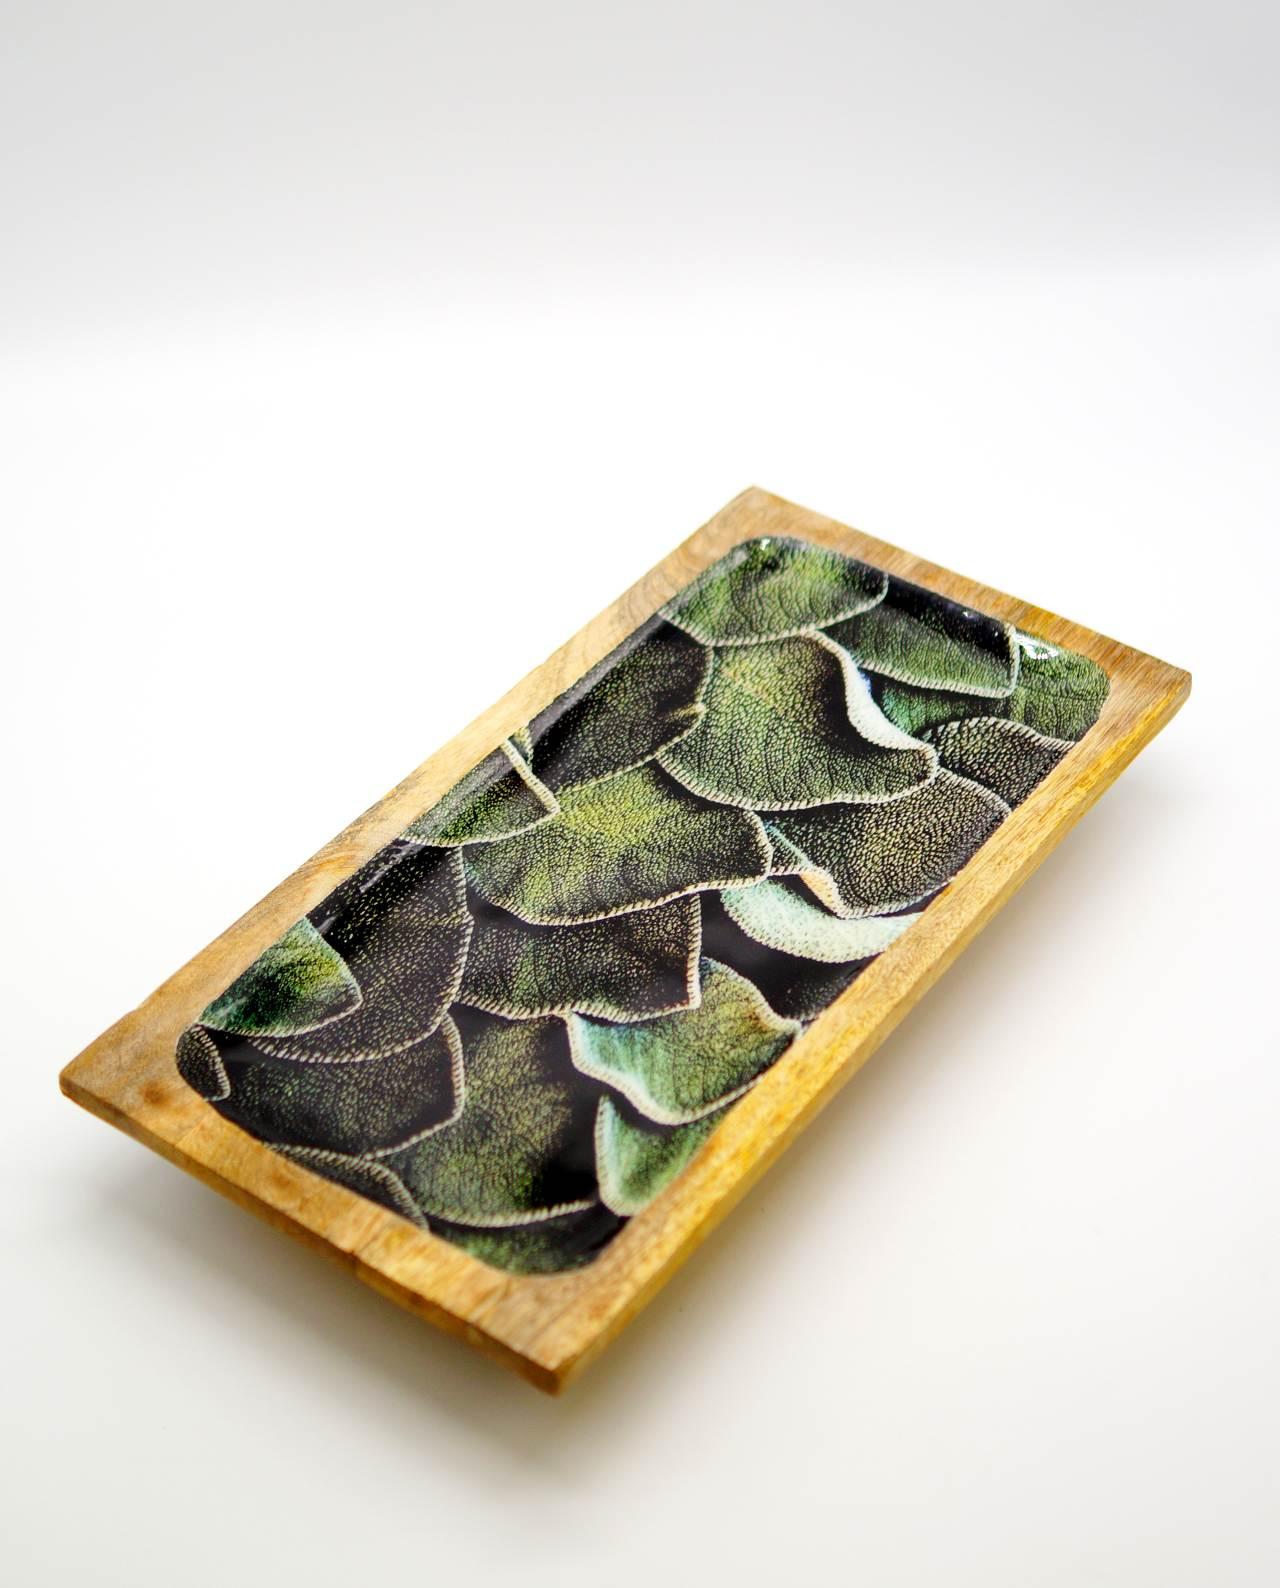 Πιατέλα ξύλινη από ξύλο Mango ανοιχτόχρωμο καφέ με σχέδιο φύλλων εσωτερικά